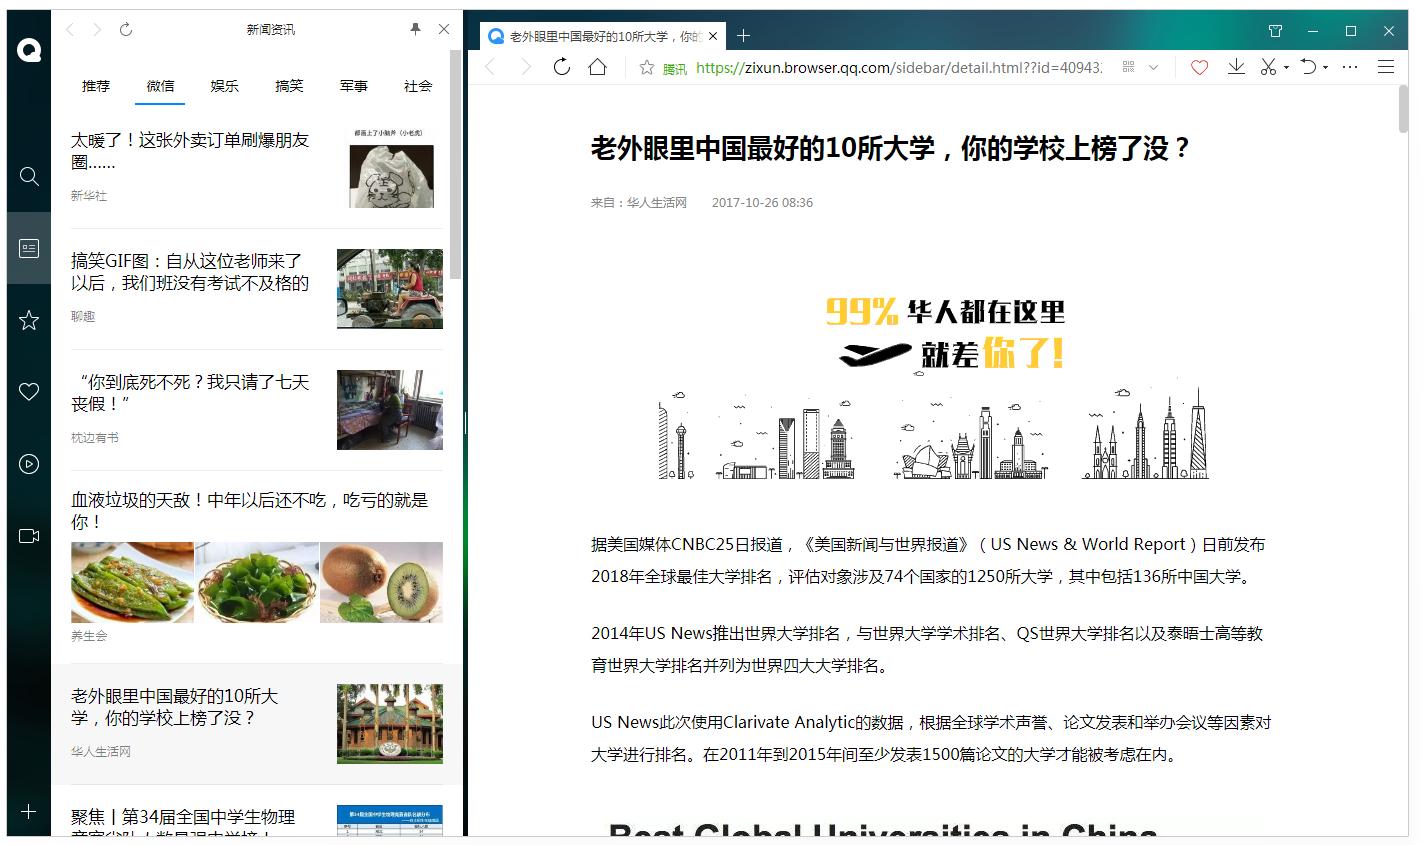 QQ浏览器10.0预览版Preview3发布